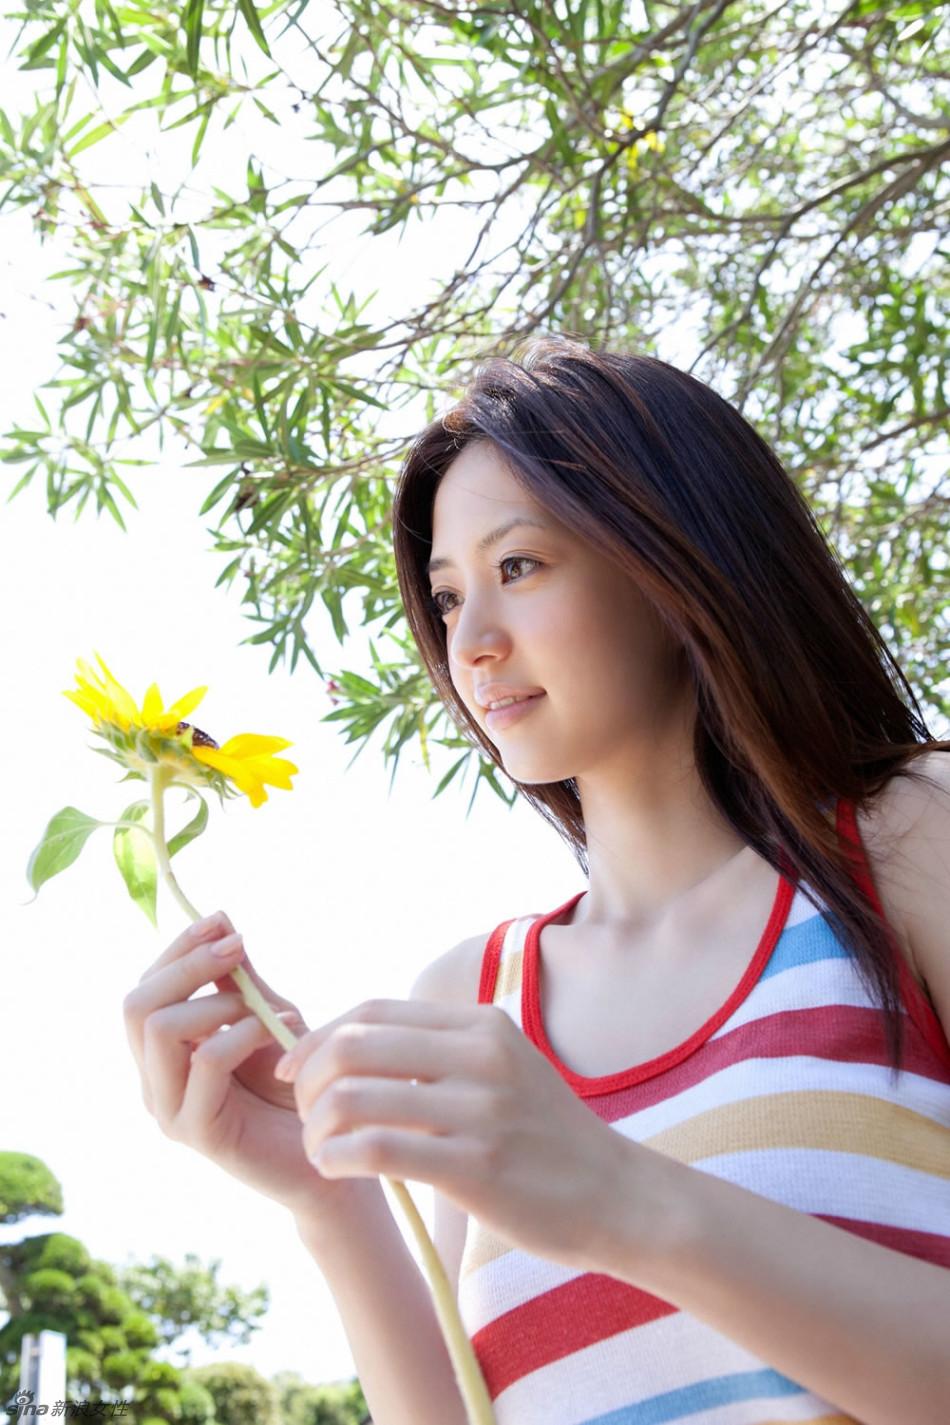 【赏你网】日本最强美少女逢泽莉娜夏日写真